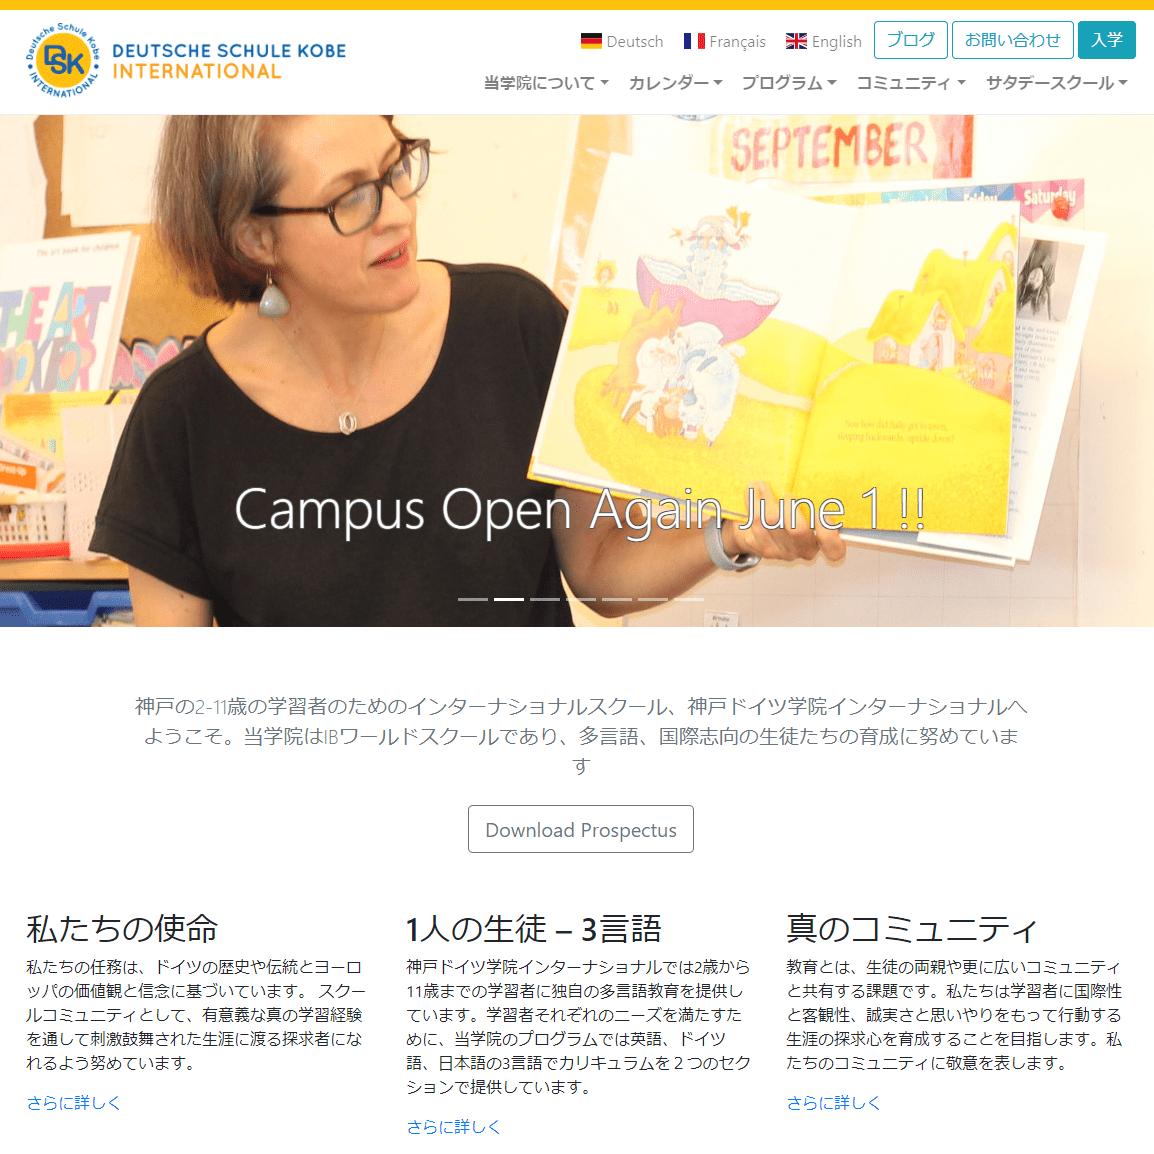 神戸ドイツ学院インターナショナルスクール|神戸市東灘区